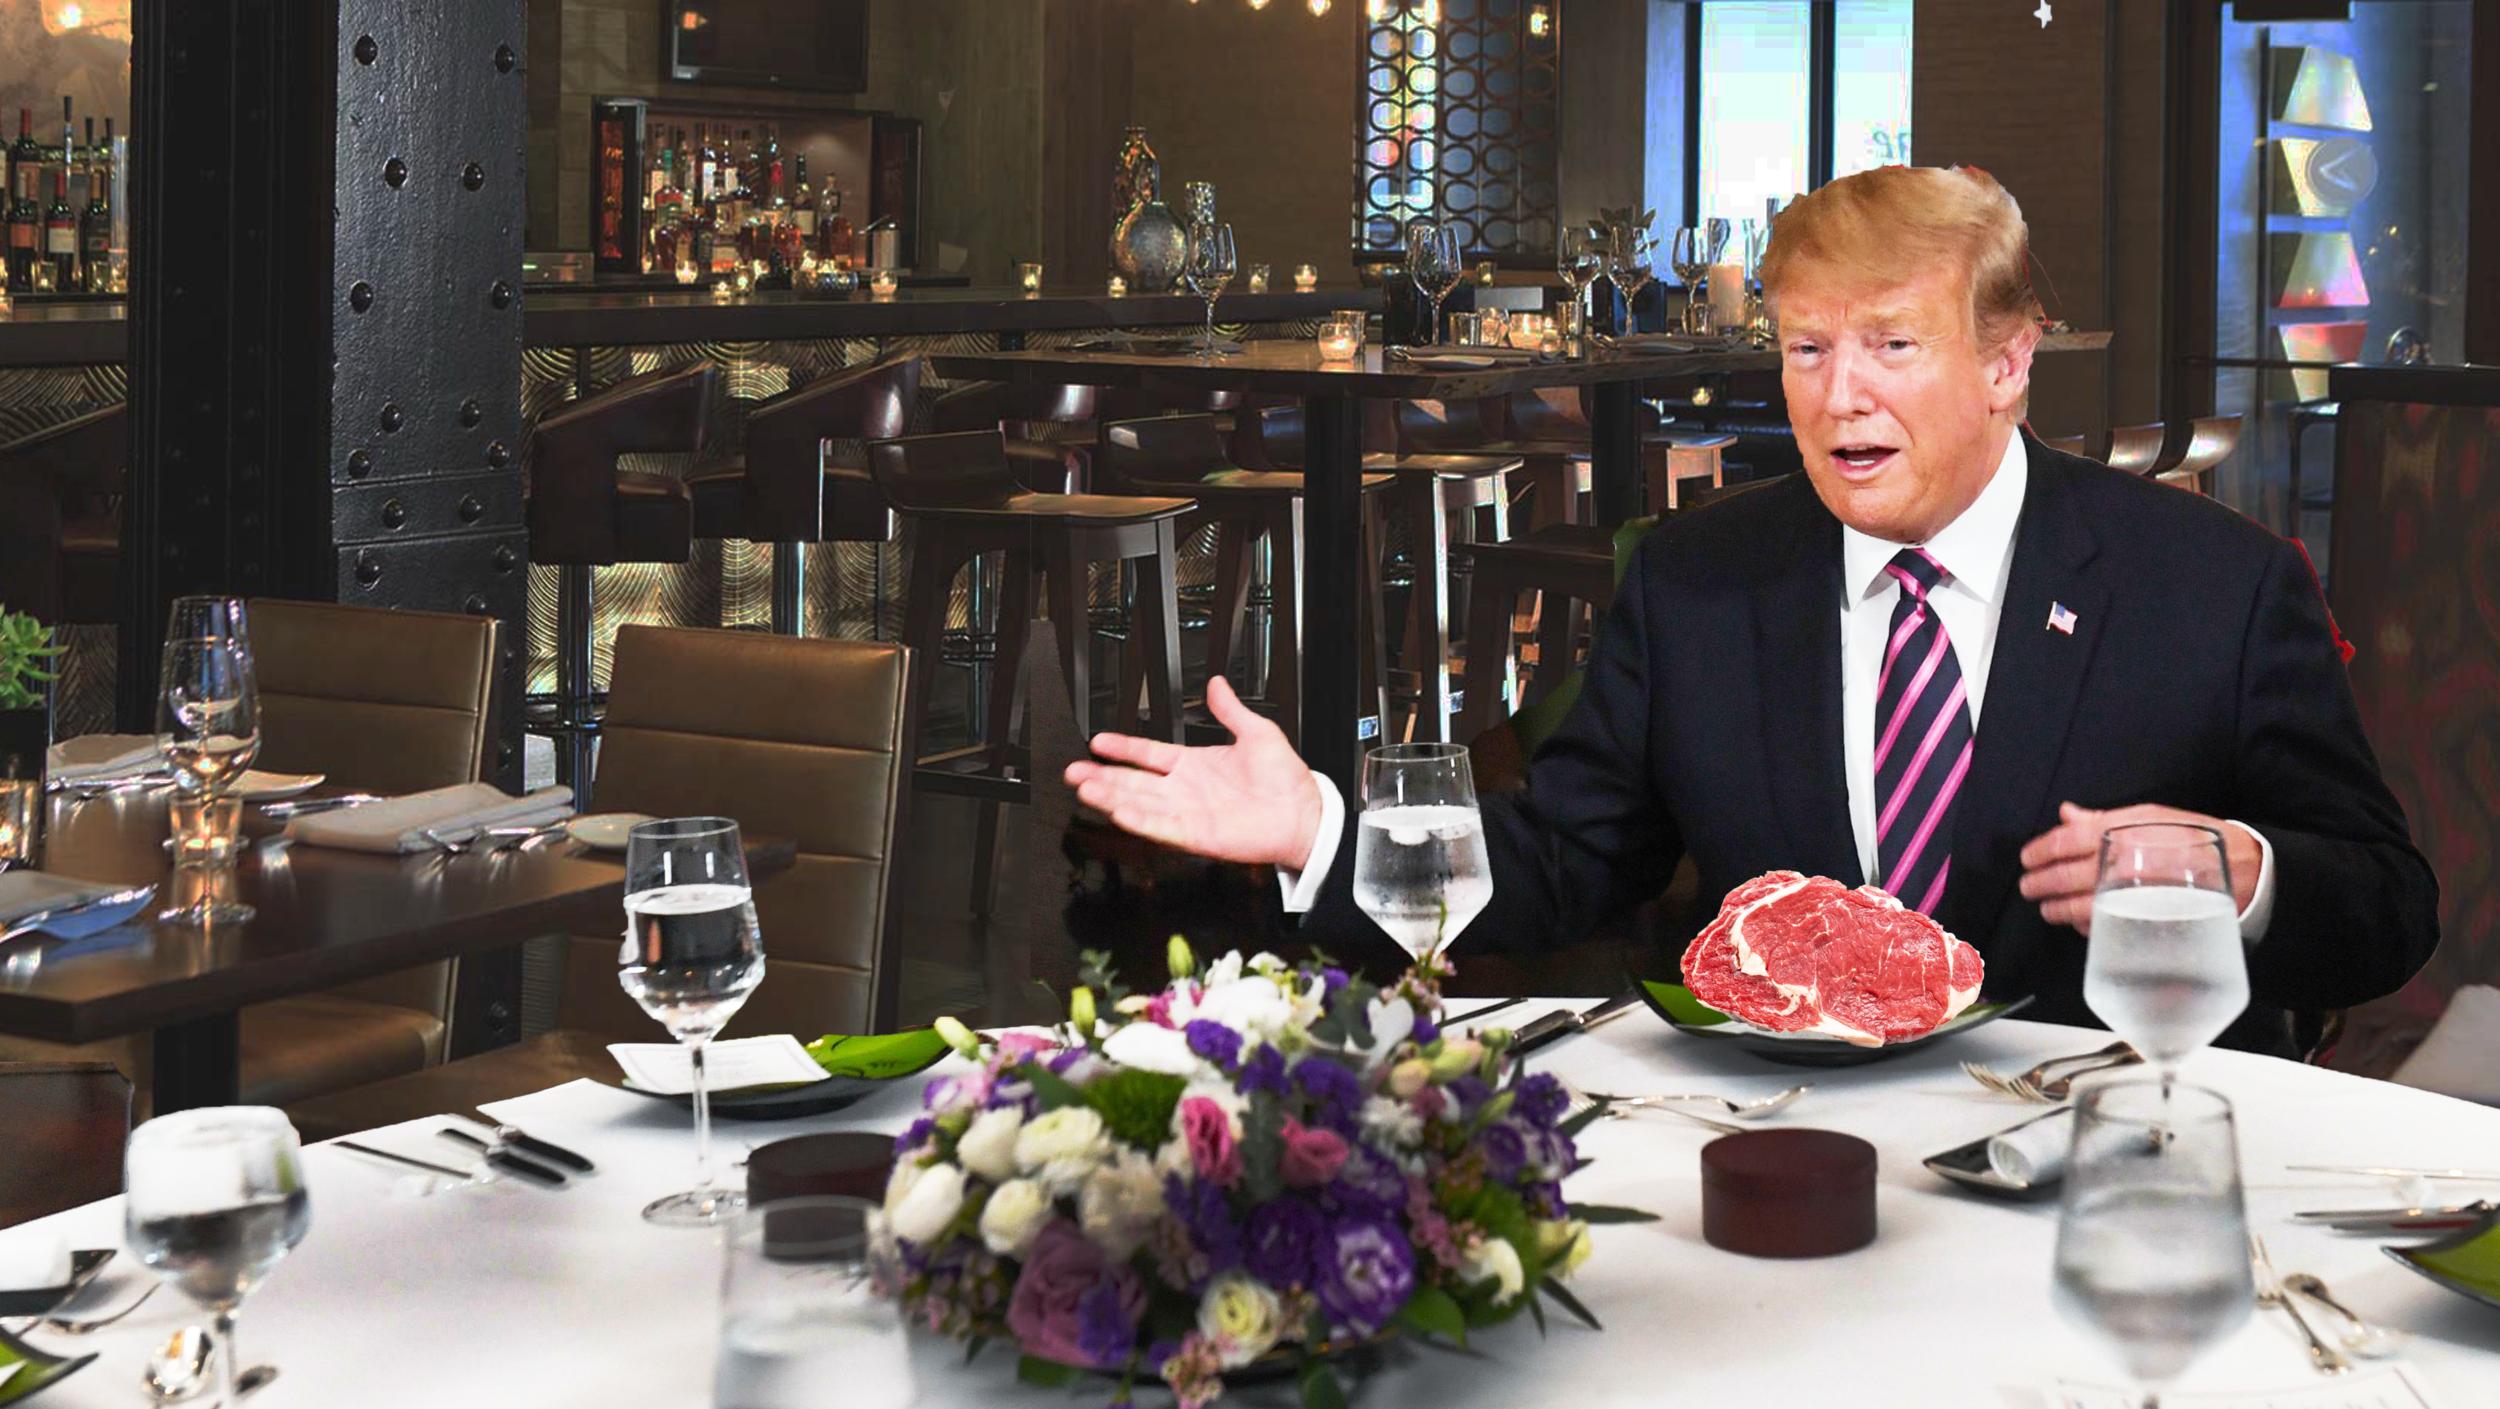 Trump In A Frickin Pickle